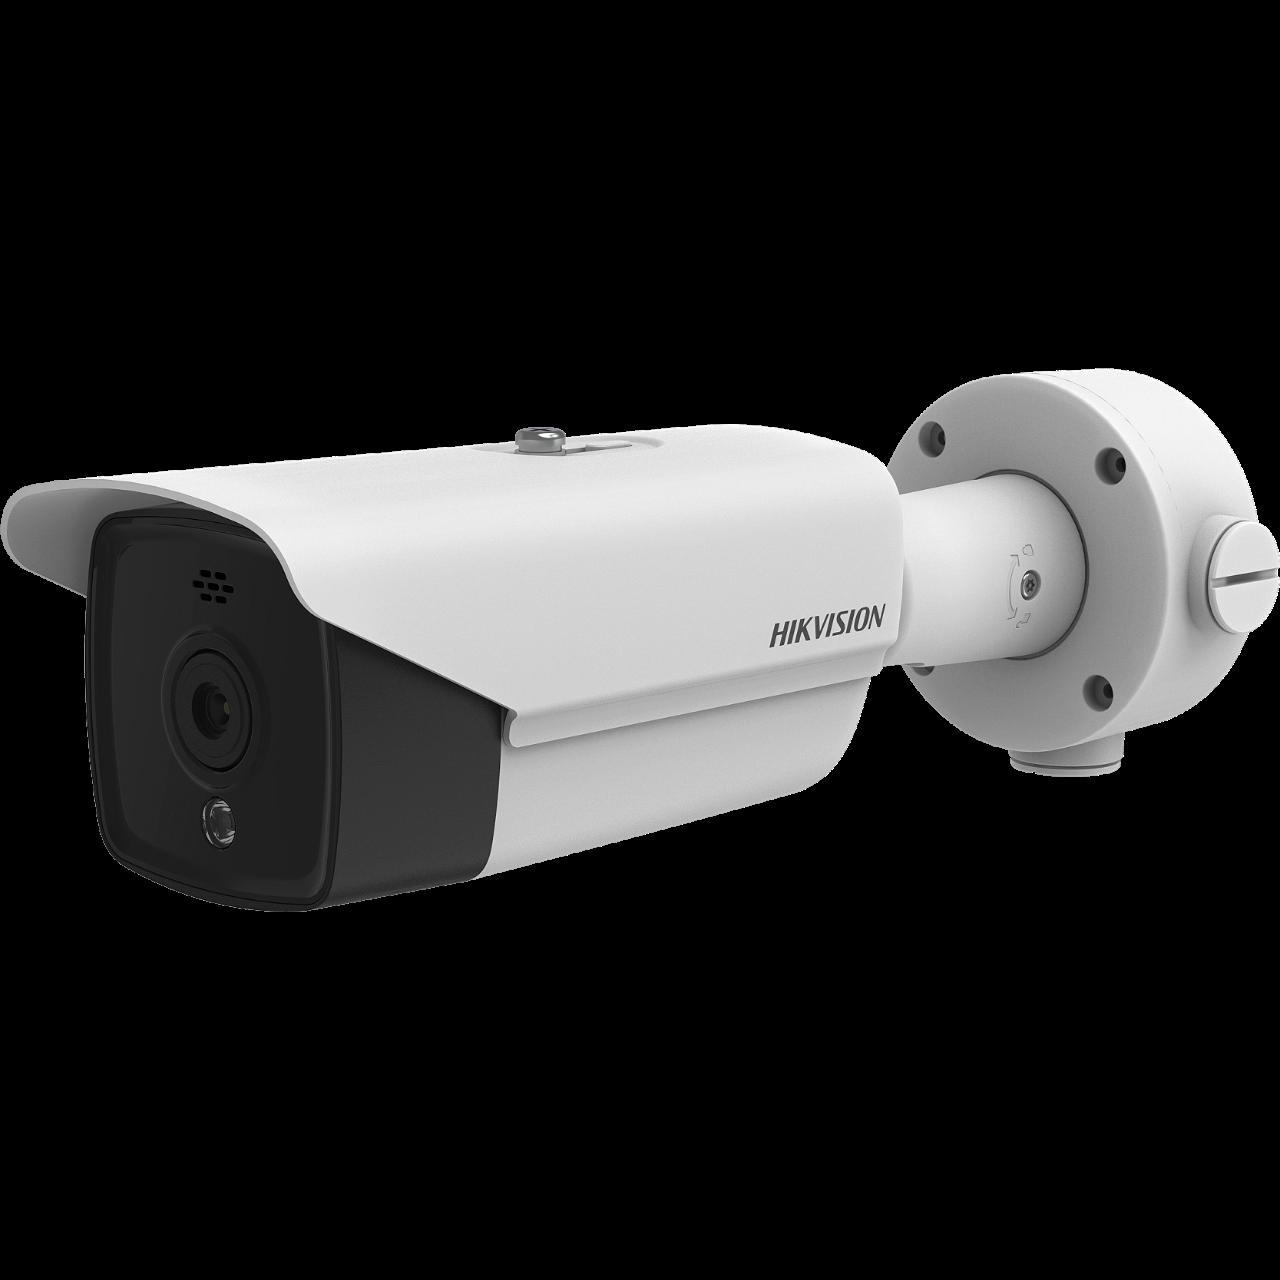 Εικόνα της DS-2TD2117-10/PA  Thermal Bullet IP 9.7mm Camera Hikvision